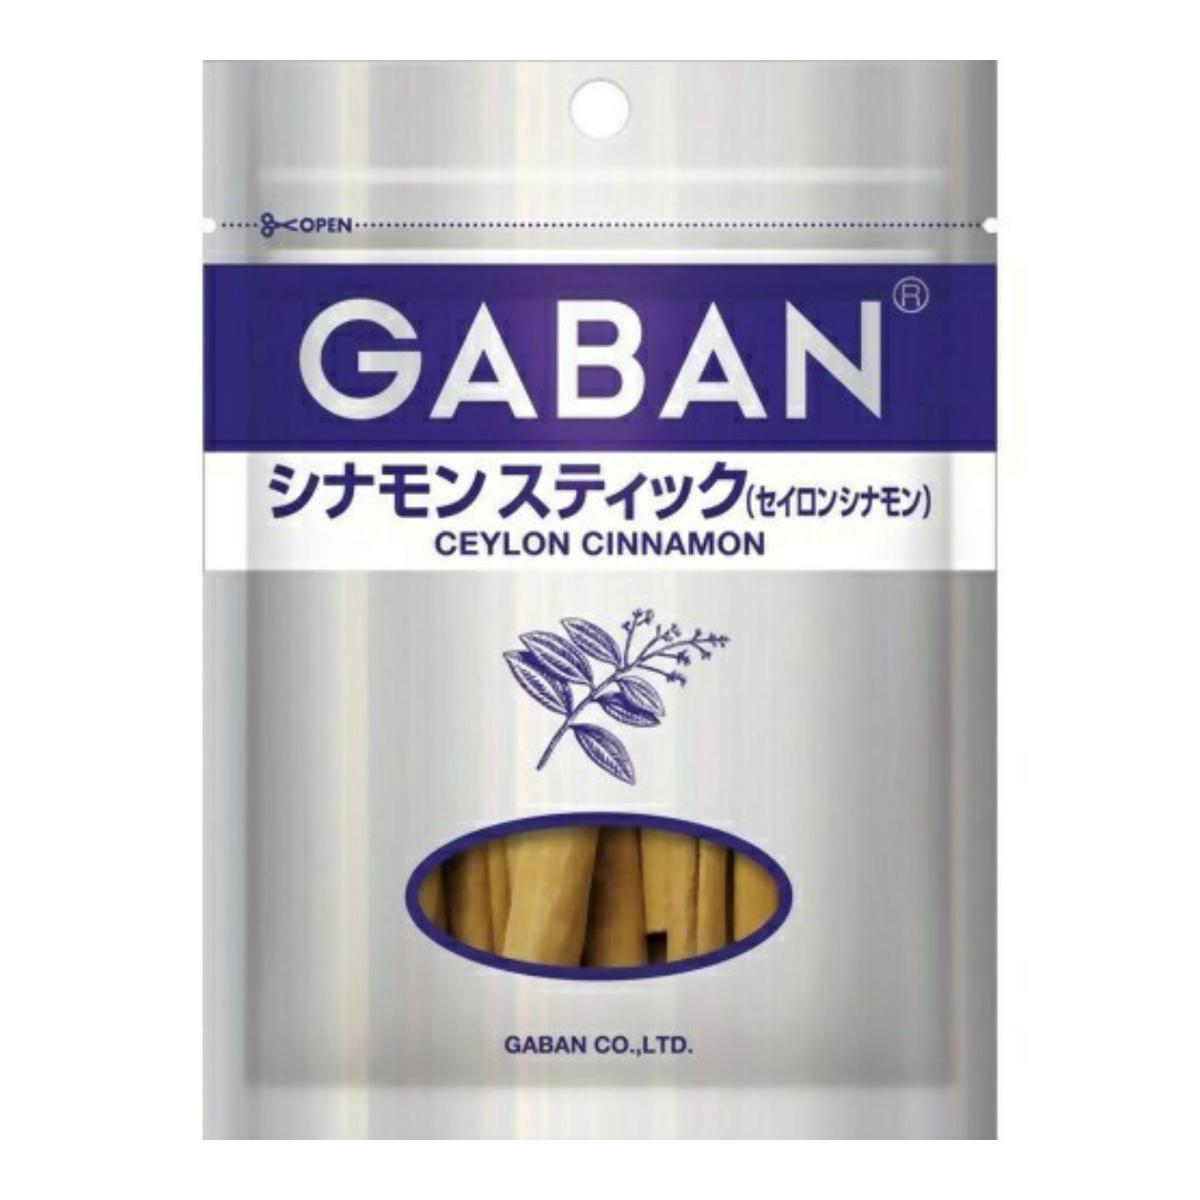 【送料込・まとめ買い×80個セット】ハウス食品 GABAN ギャバン シナモン スティック セイロンシナモン 袋(15g)